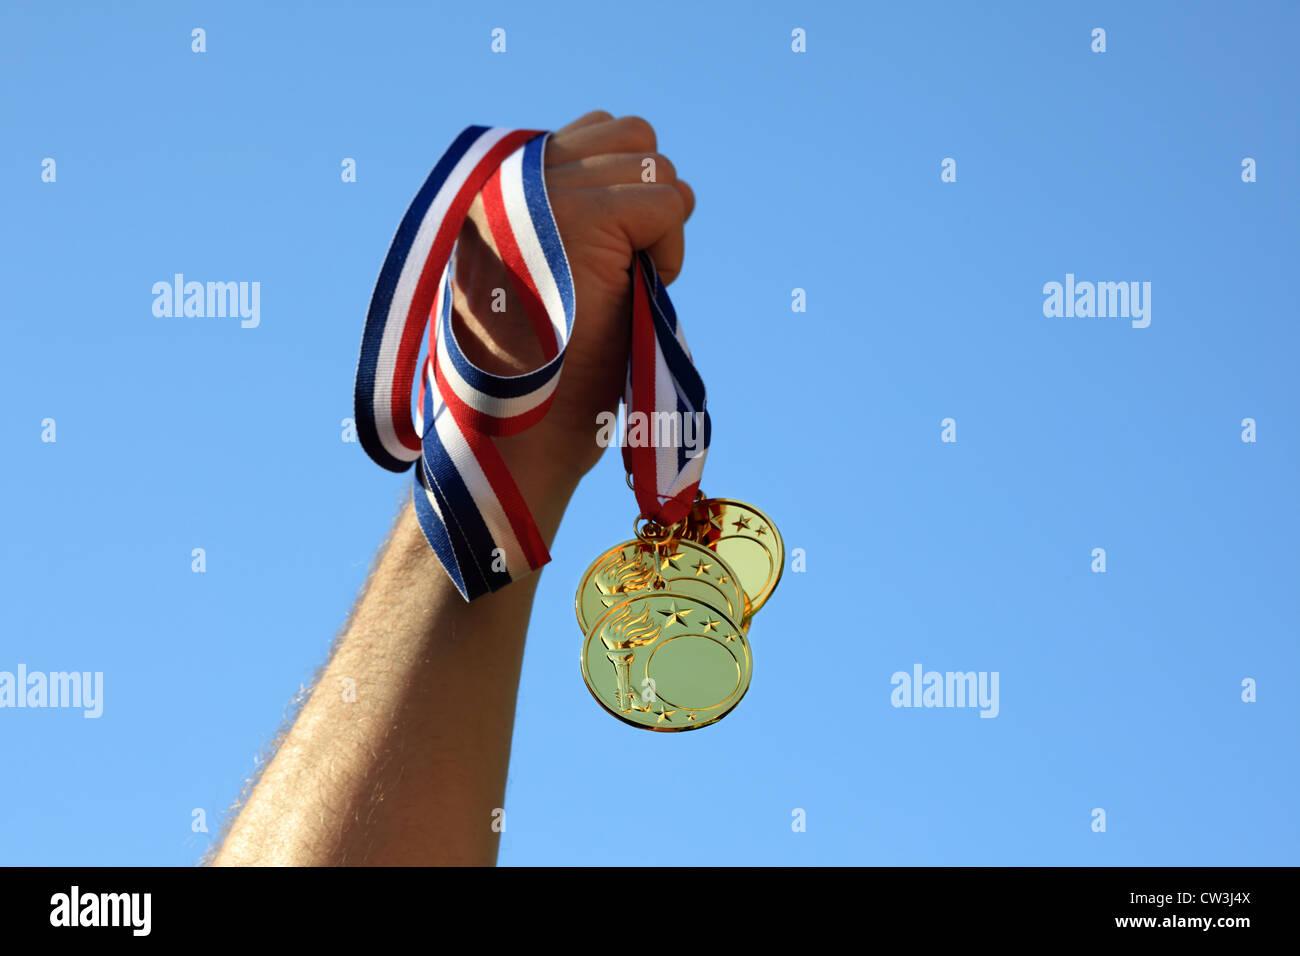 Gold medal winner - Stock Image